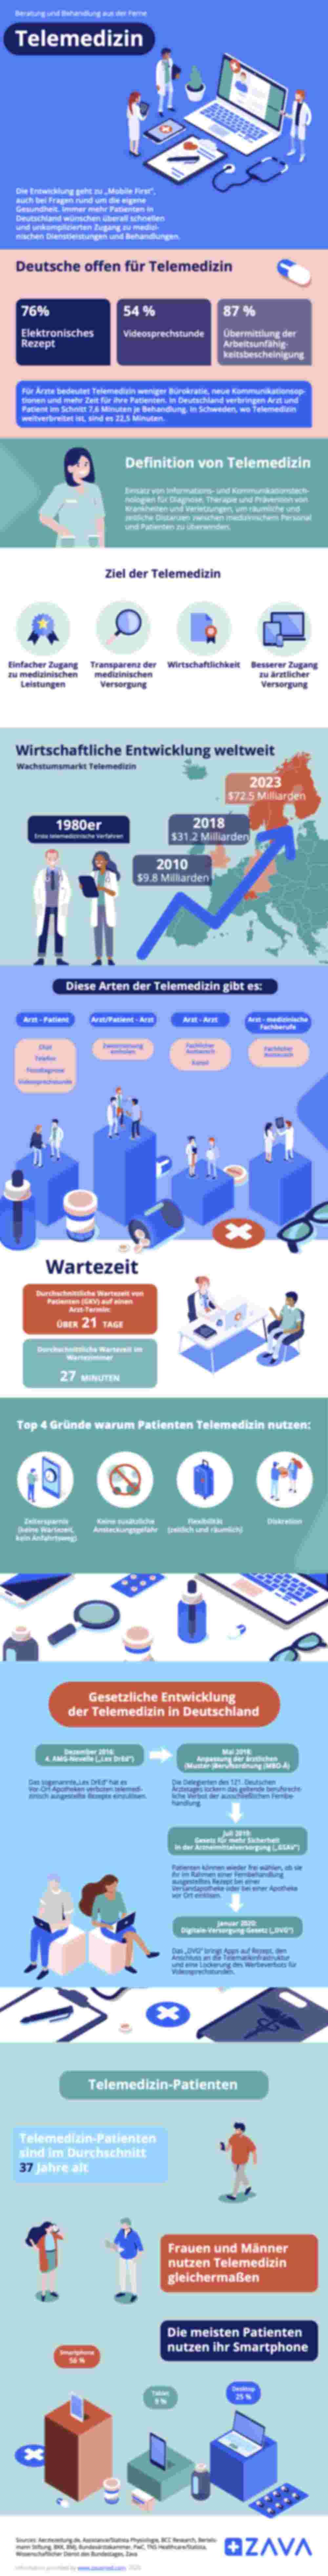 Eine Abbildung über die Benutzung von Telemedizin.